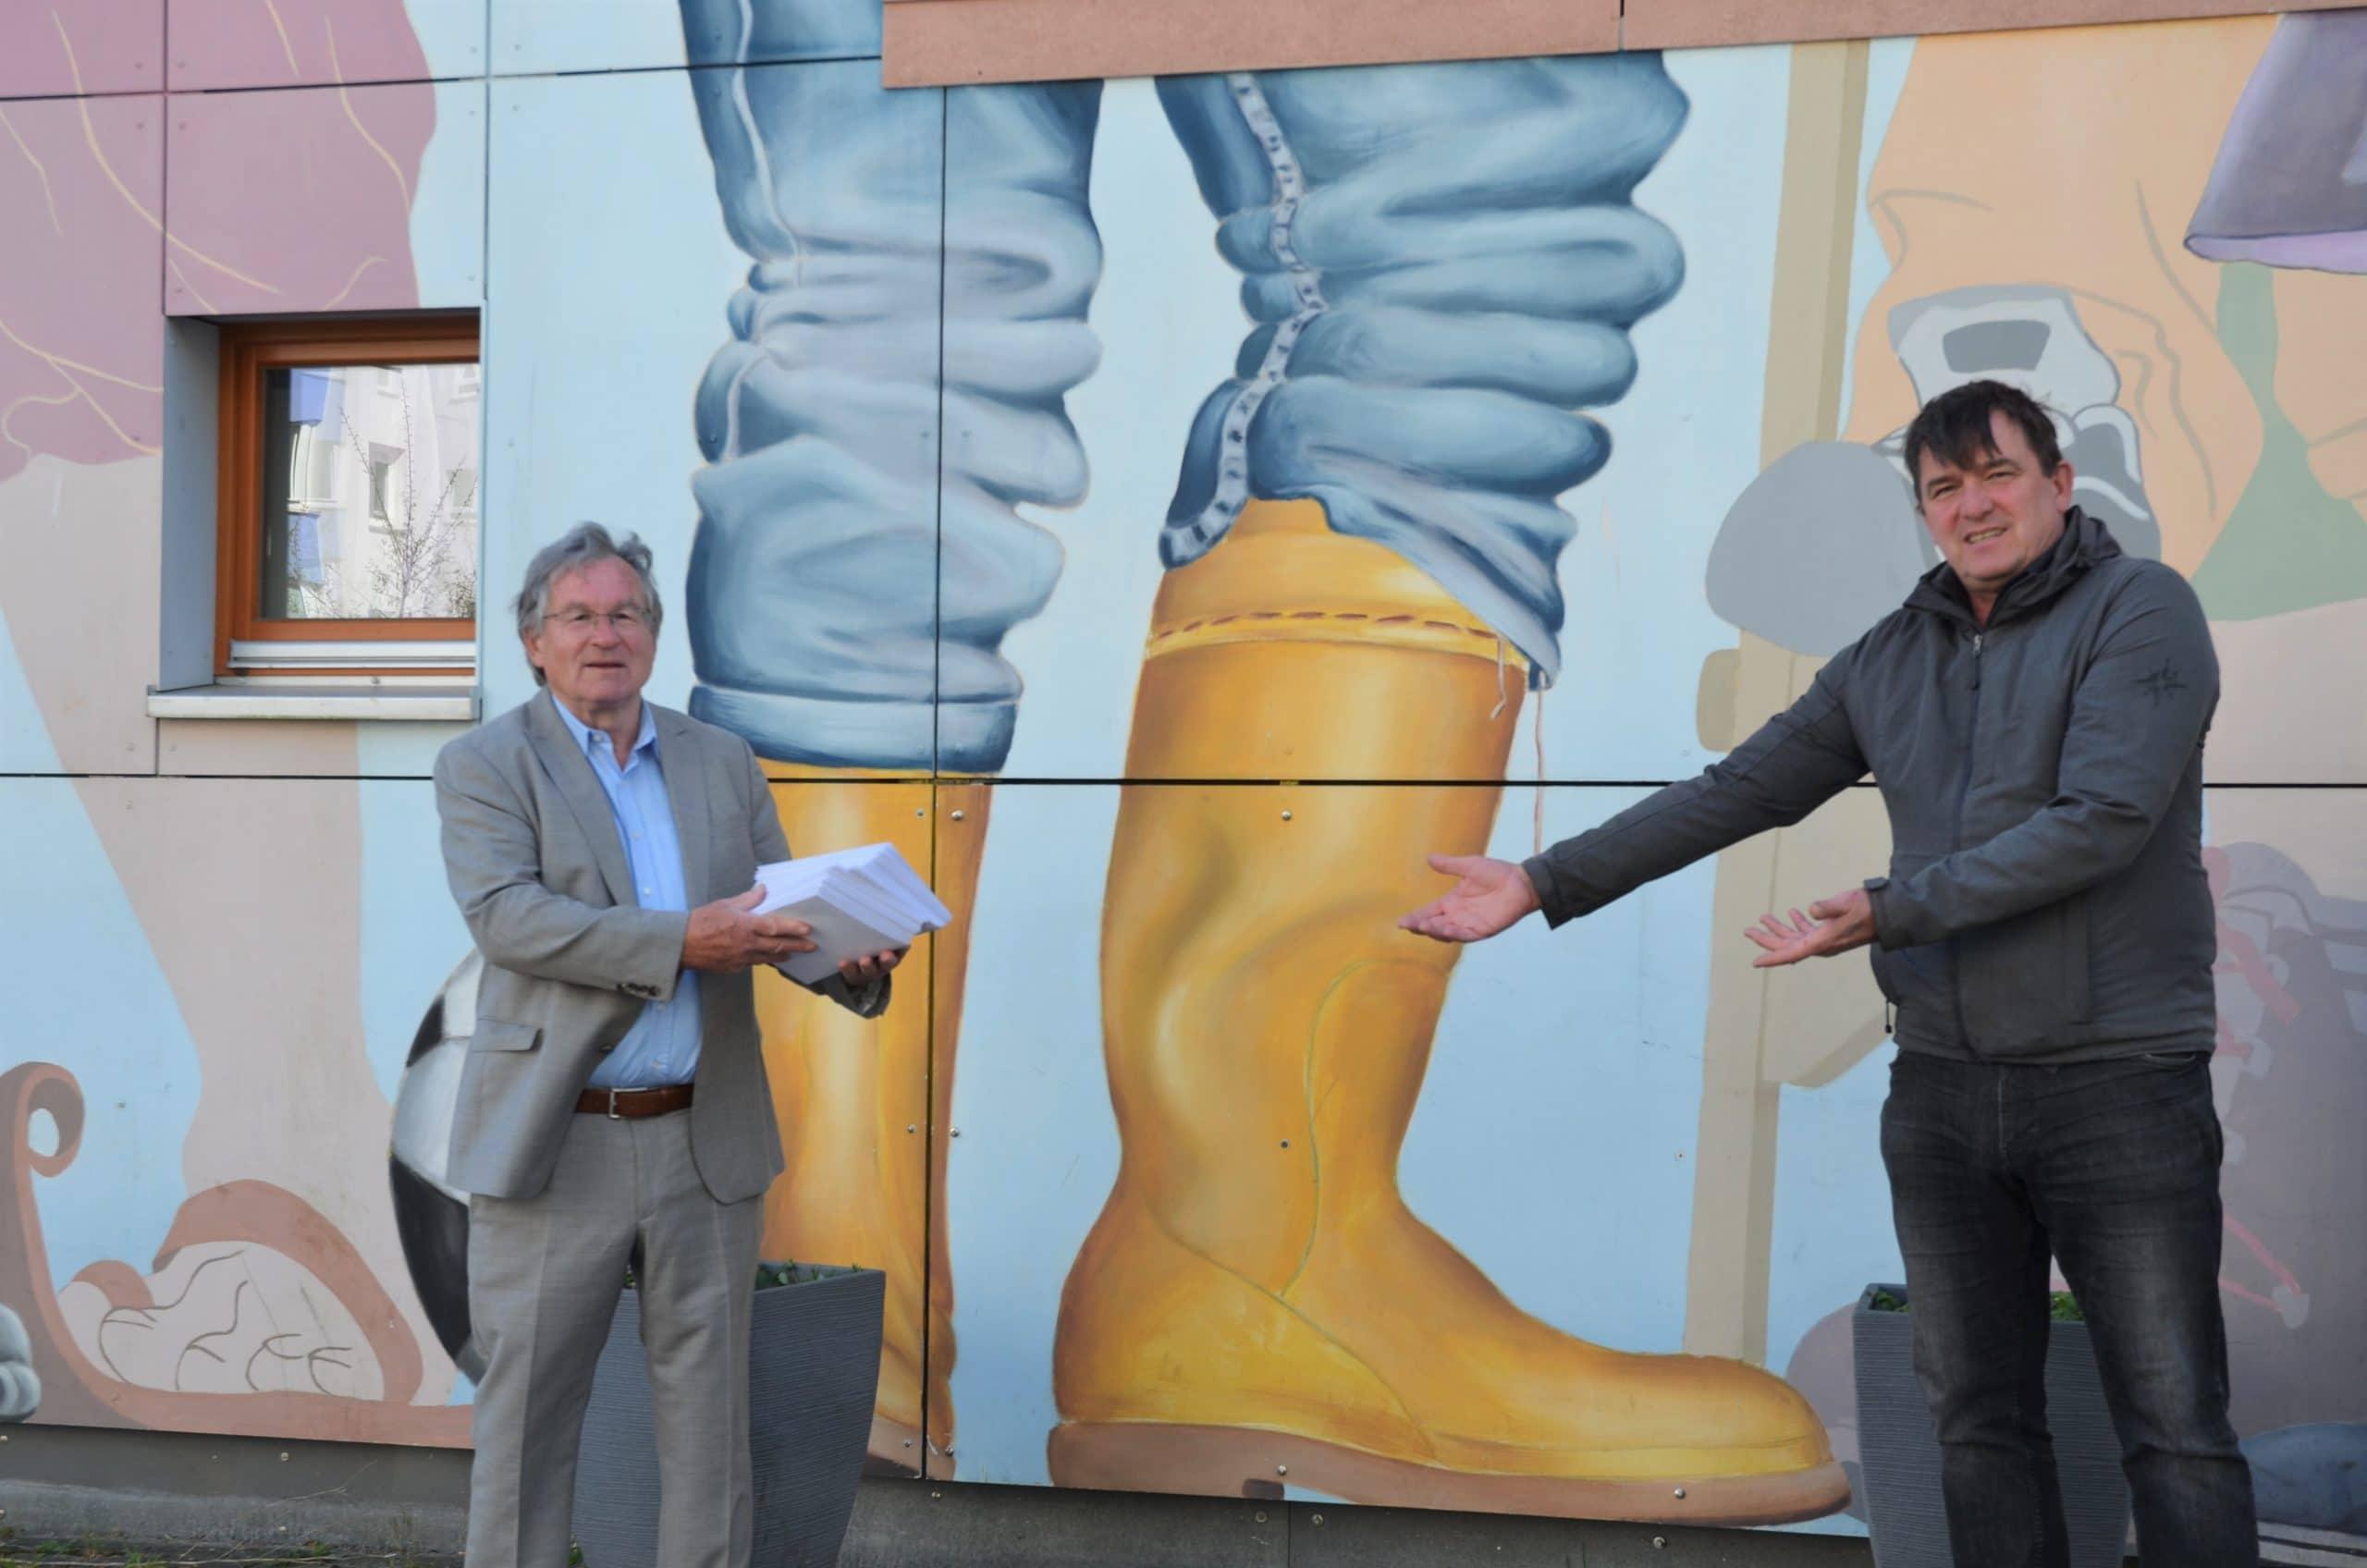 Klaus Wicher übergibt die Gutscheine an Ralf Helling. Foto: Susanne Rahlf/ SoVD